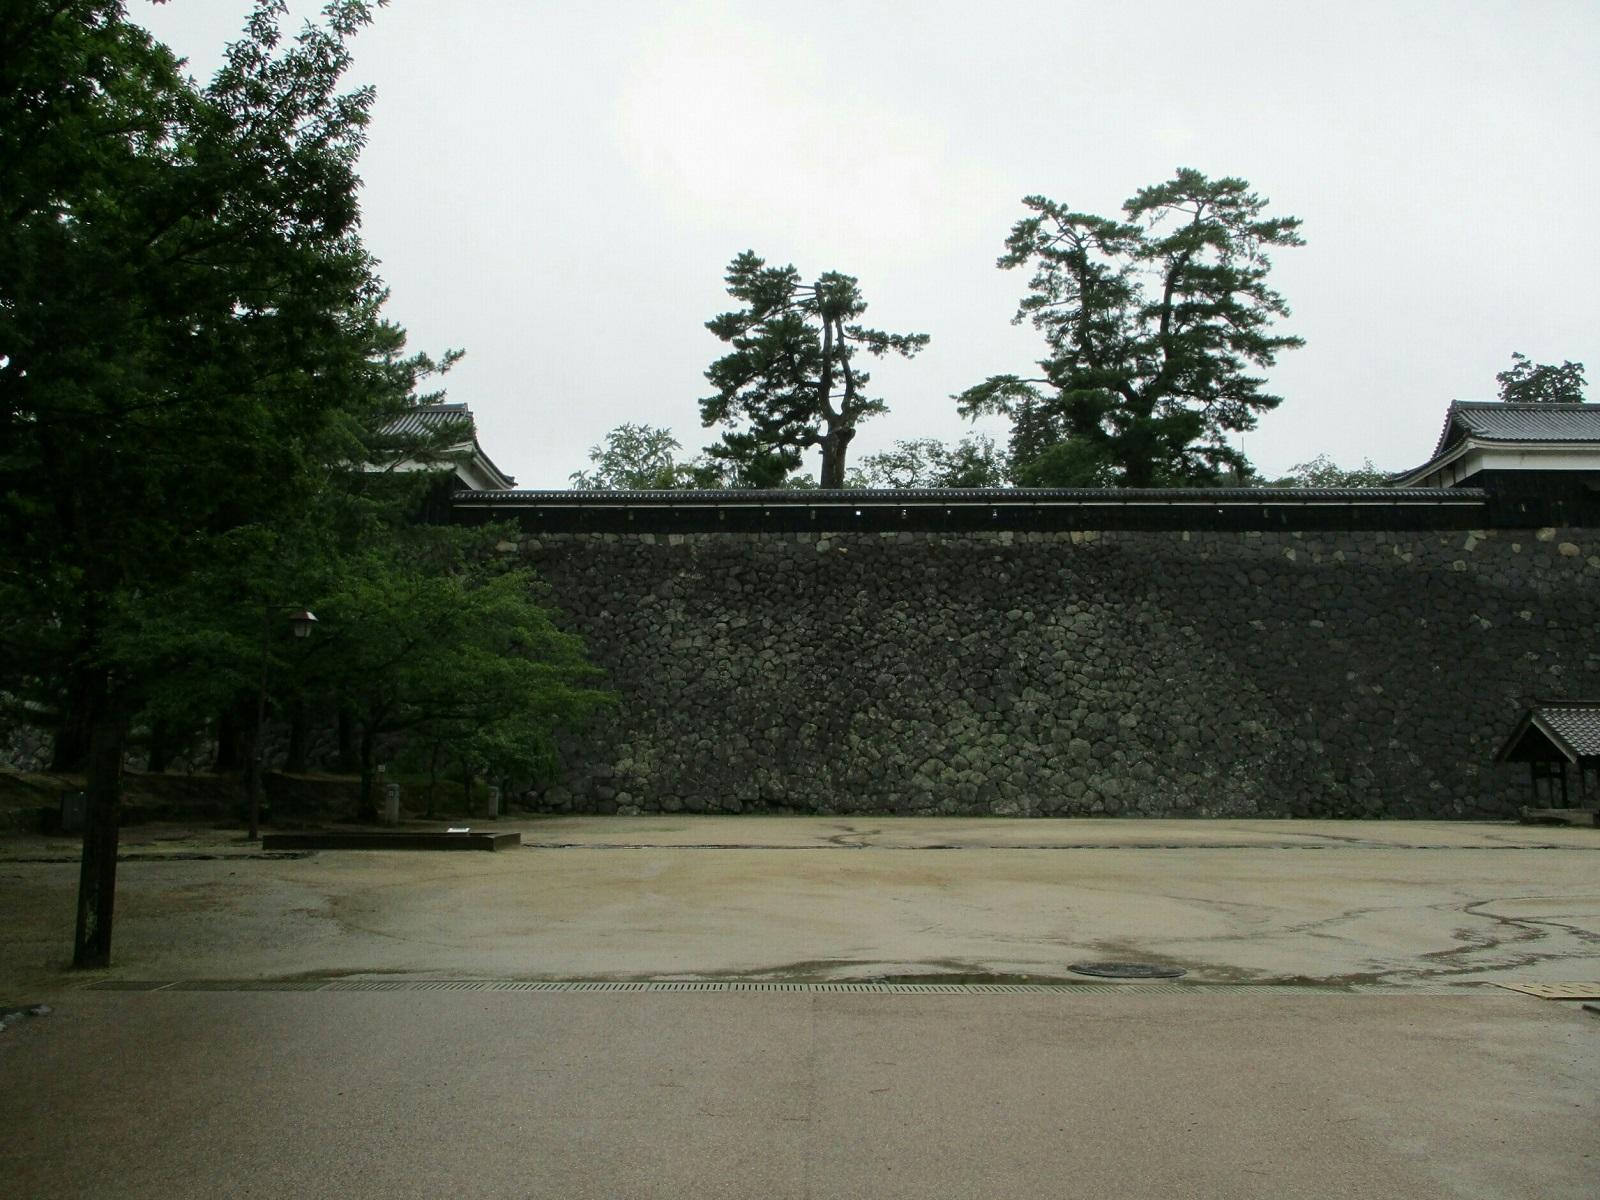 2018.7.7 (35) 松江城 - 中櫓と太鼓櫓 1600-1200